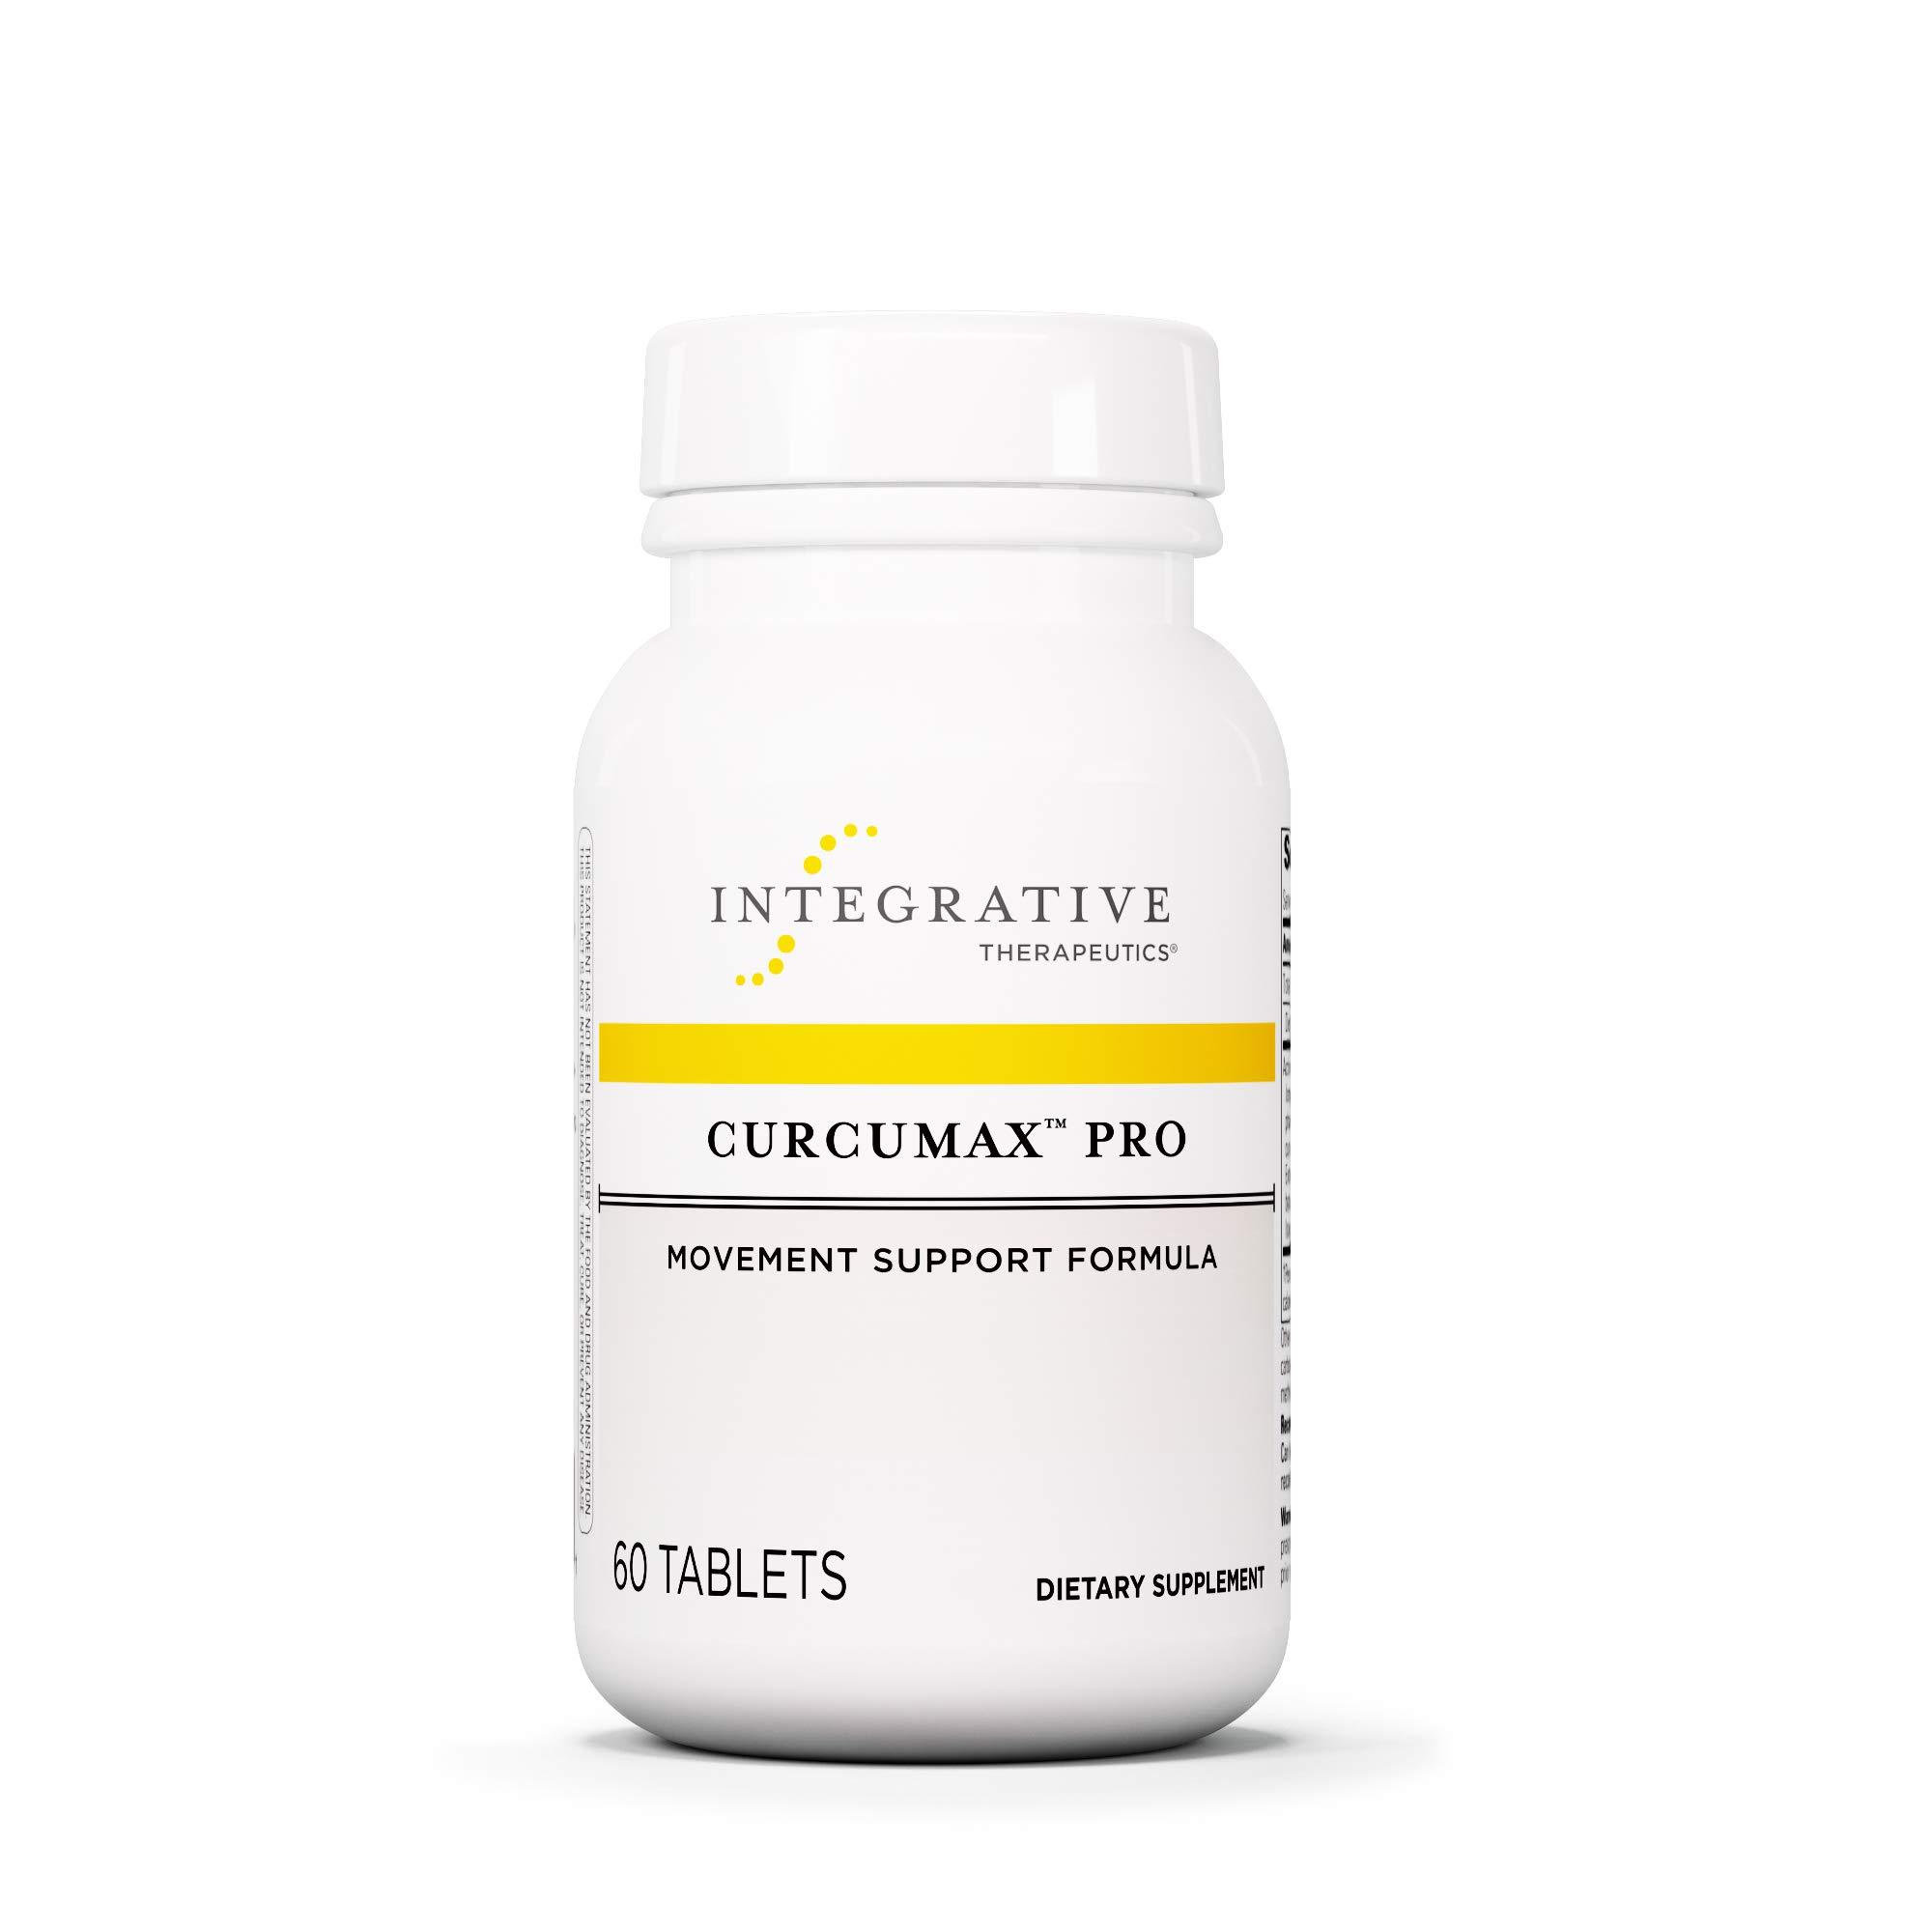 Integrative Therapeutics - Curcumax Pro - Movement Support Formula - 60 Tablets by Integrative Therapeutics (Image #1)